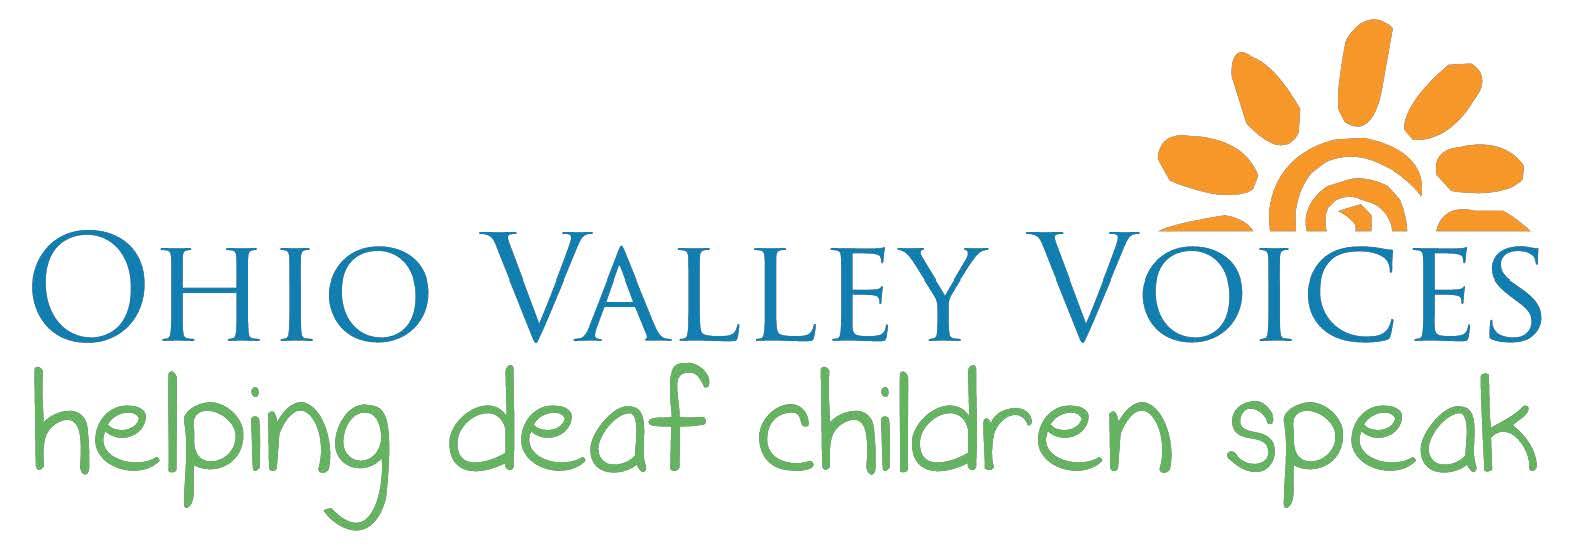 Ohio Valley Voices